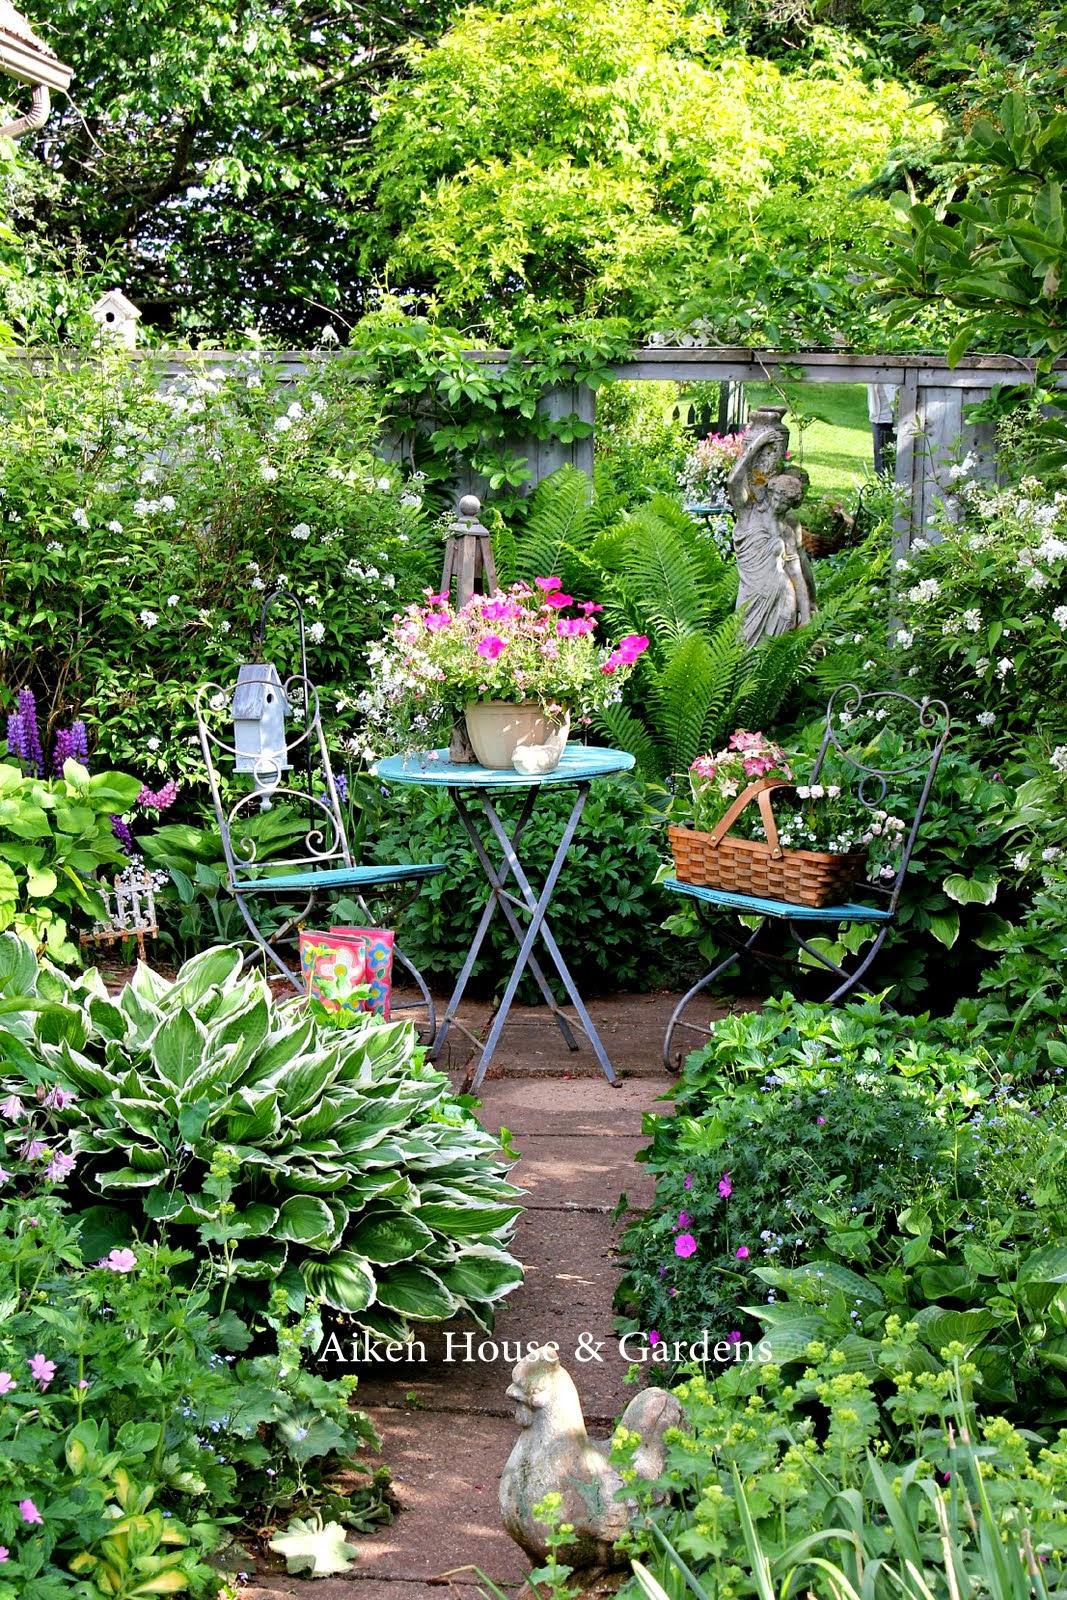 Aiken house gardens welcome summer for Aiken house